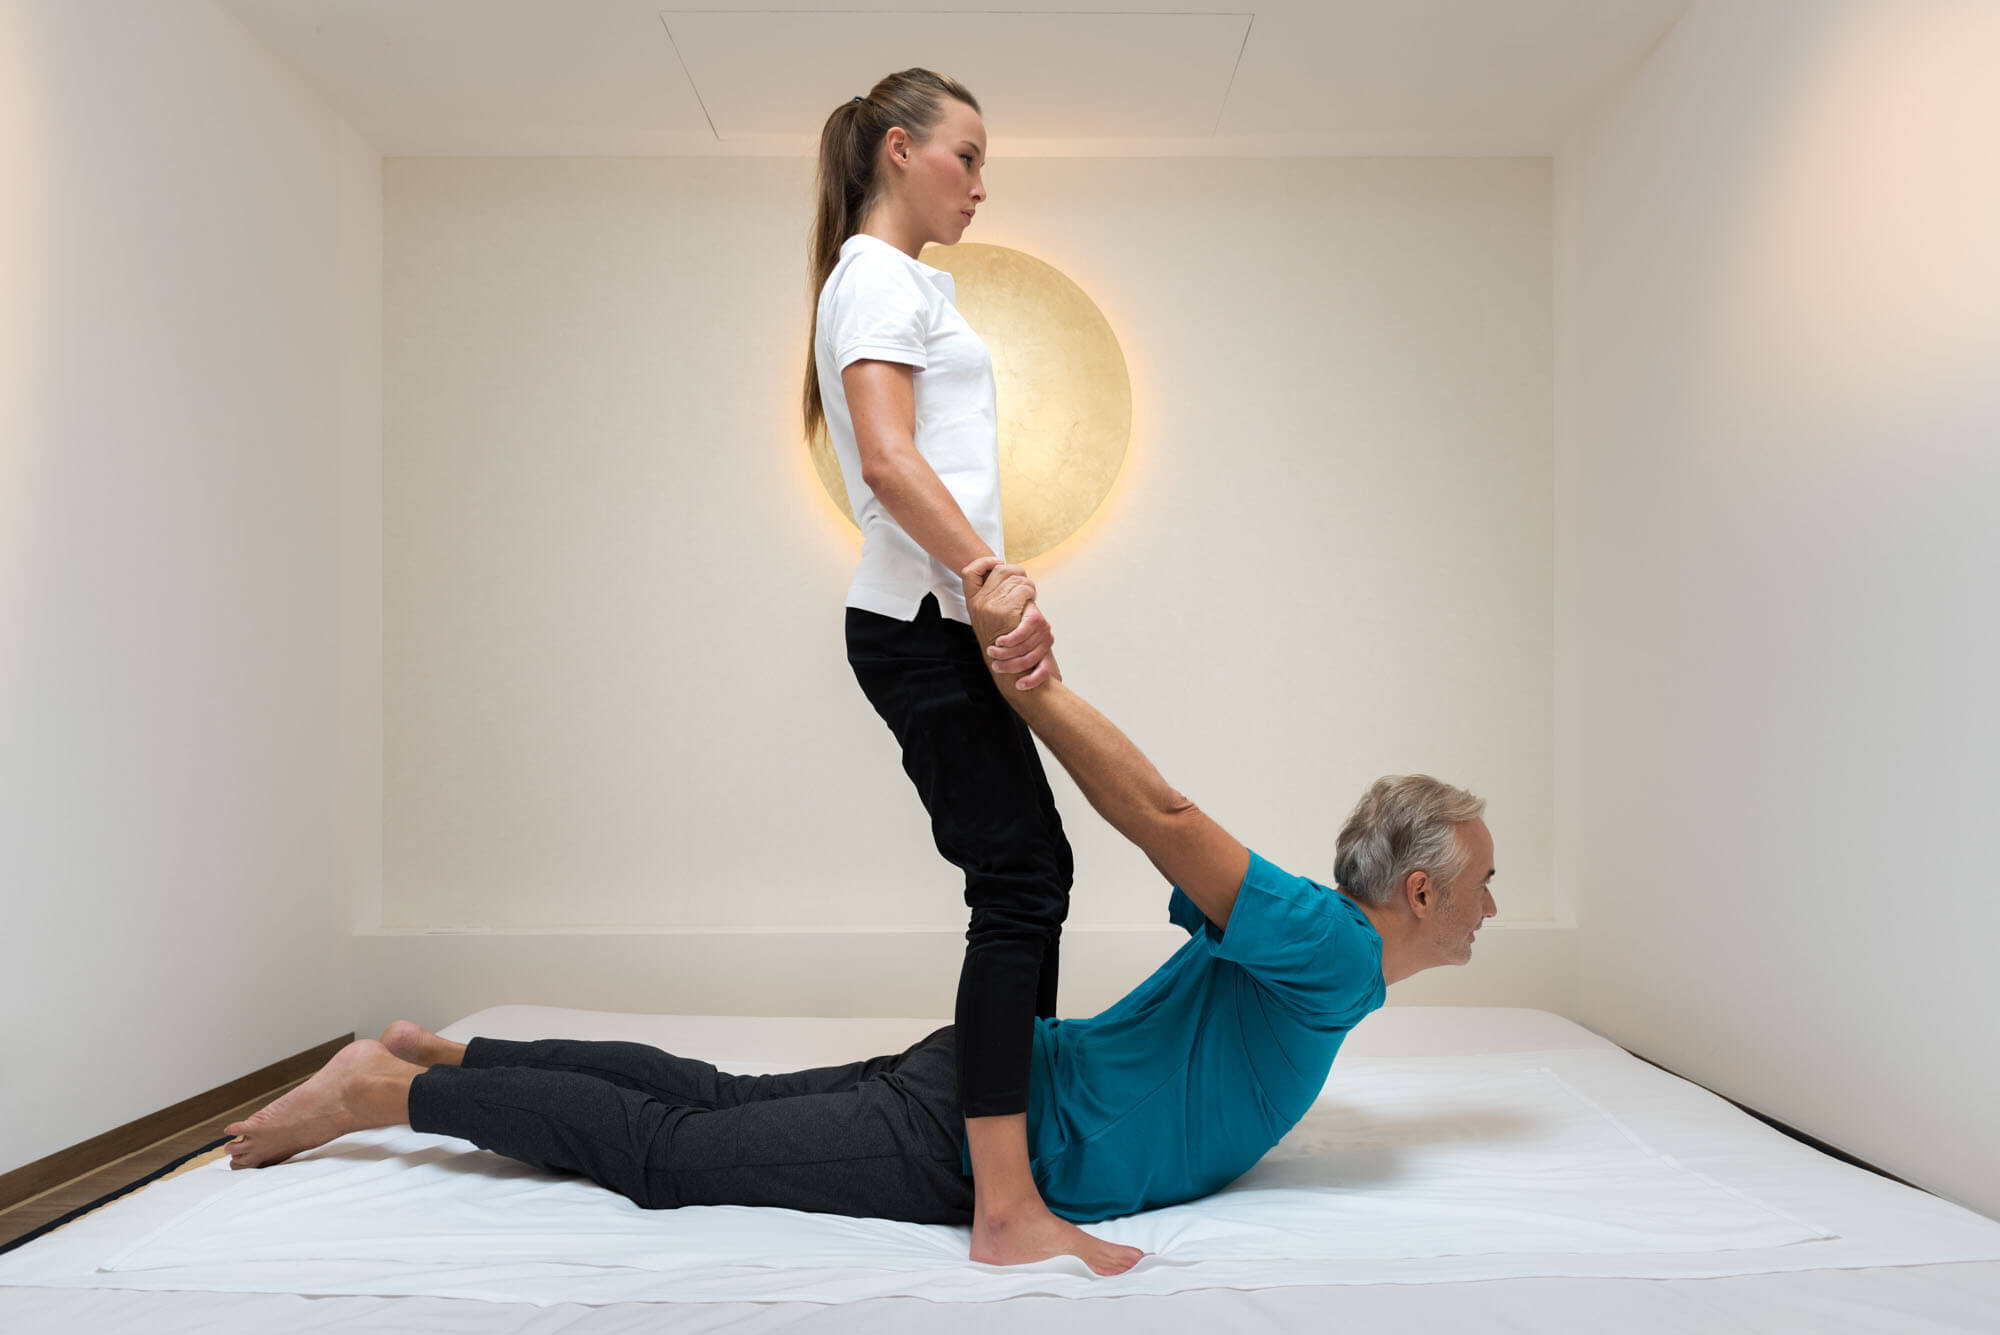 Buchinger Wilhelmi, Fasten, Heilfasten, Fasting, Health, Integrative Medicine, Integrative Medizin, Therapie, Massage, Behandlung